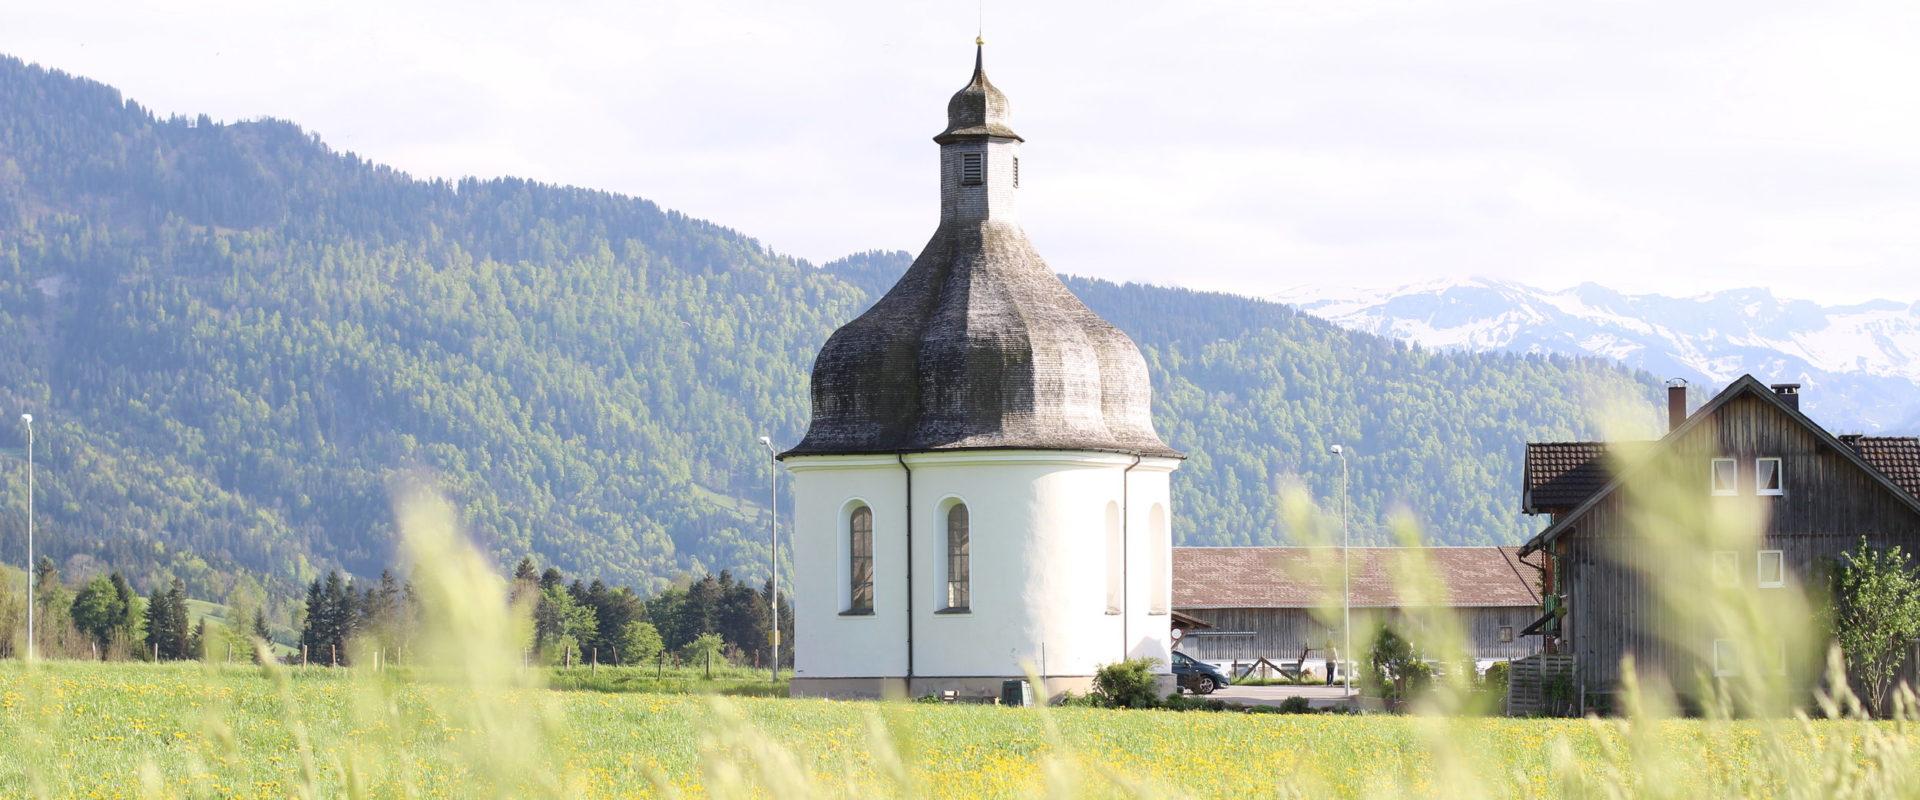 St. Anna Kapelle Lingenau © Tanja Schörkl undefined